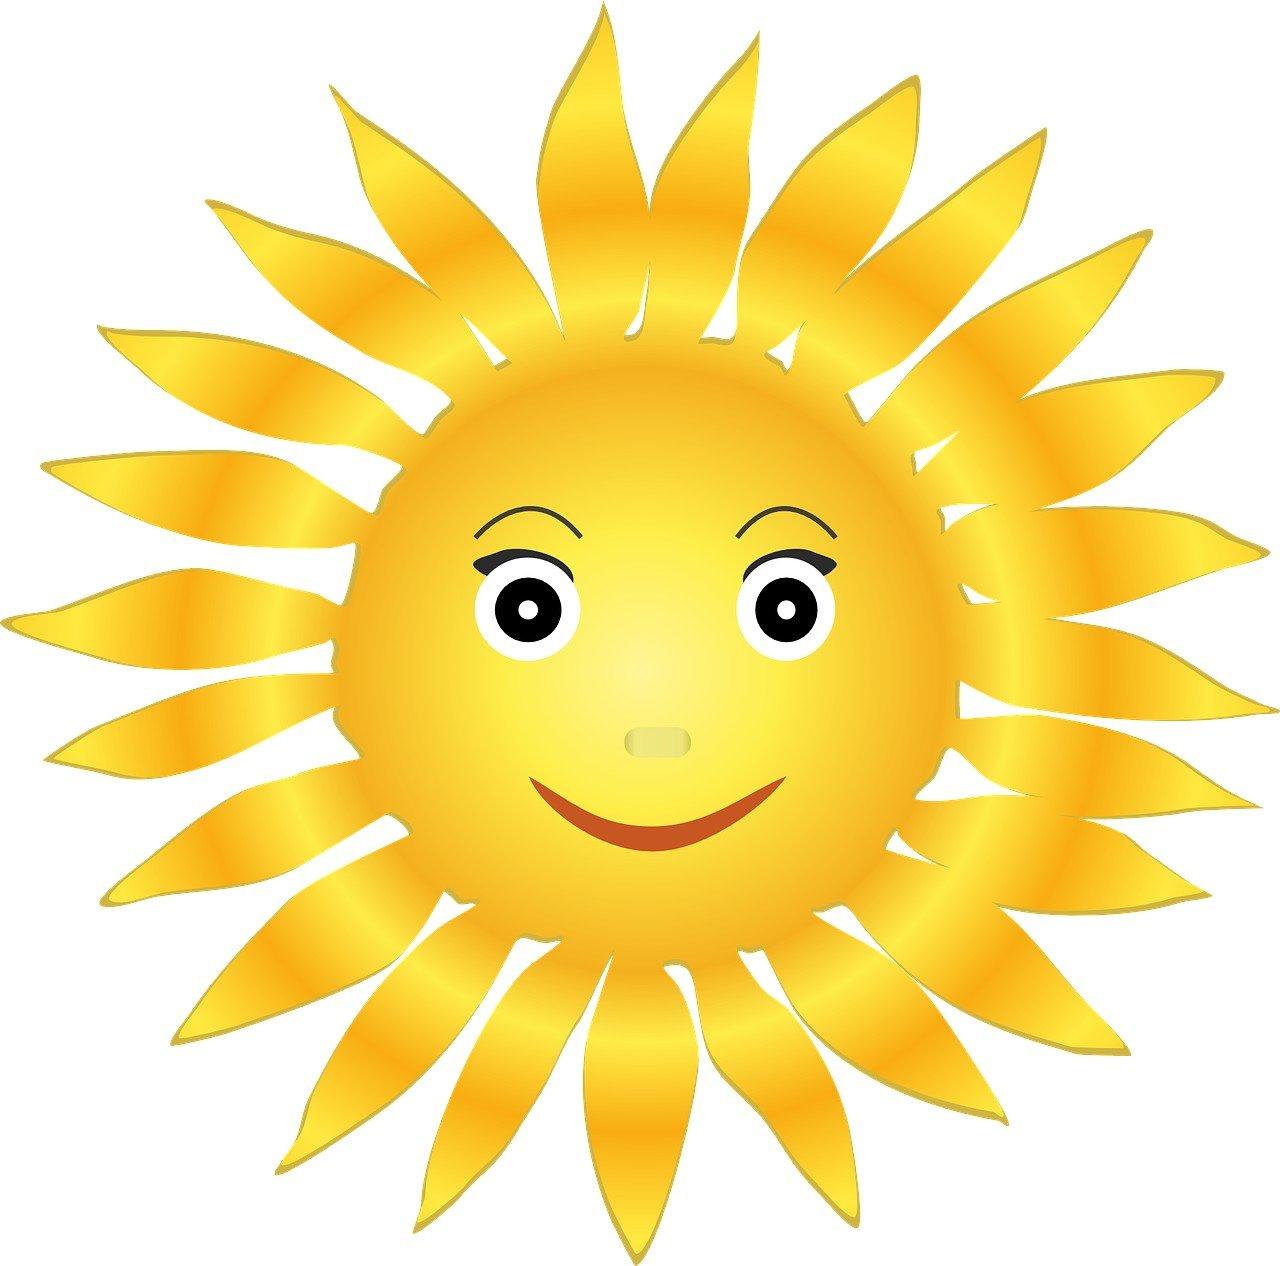 Patrz słońce się śmieje, piosenka dla dzieci na lato, tekst i muzyka